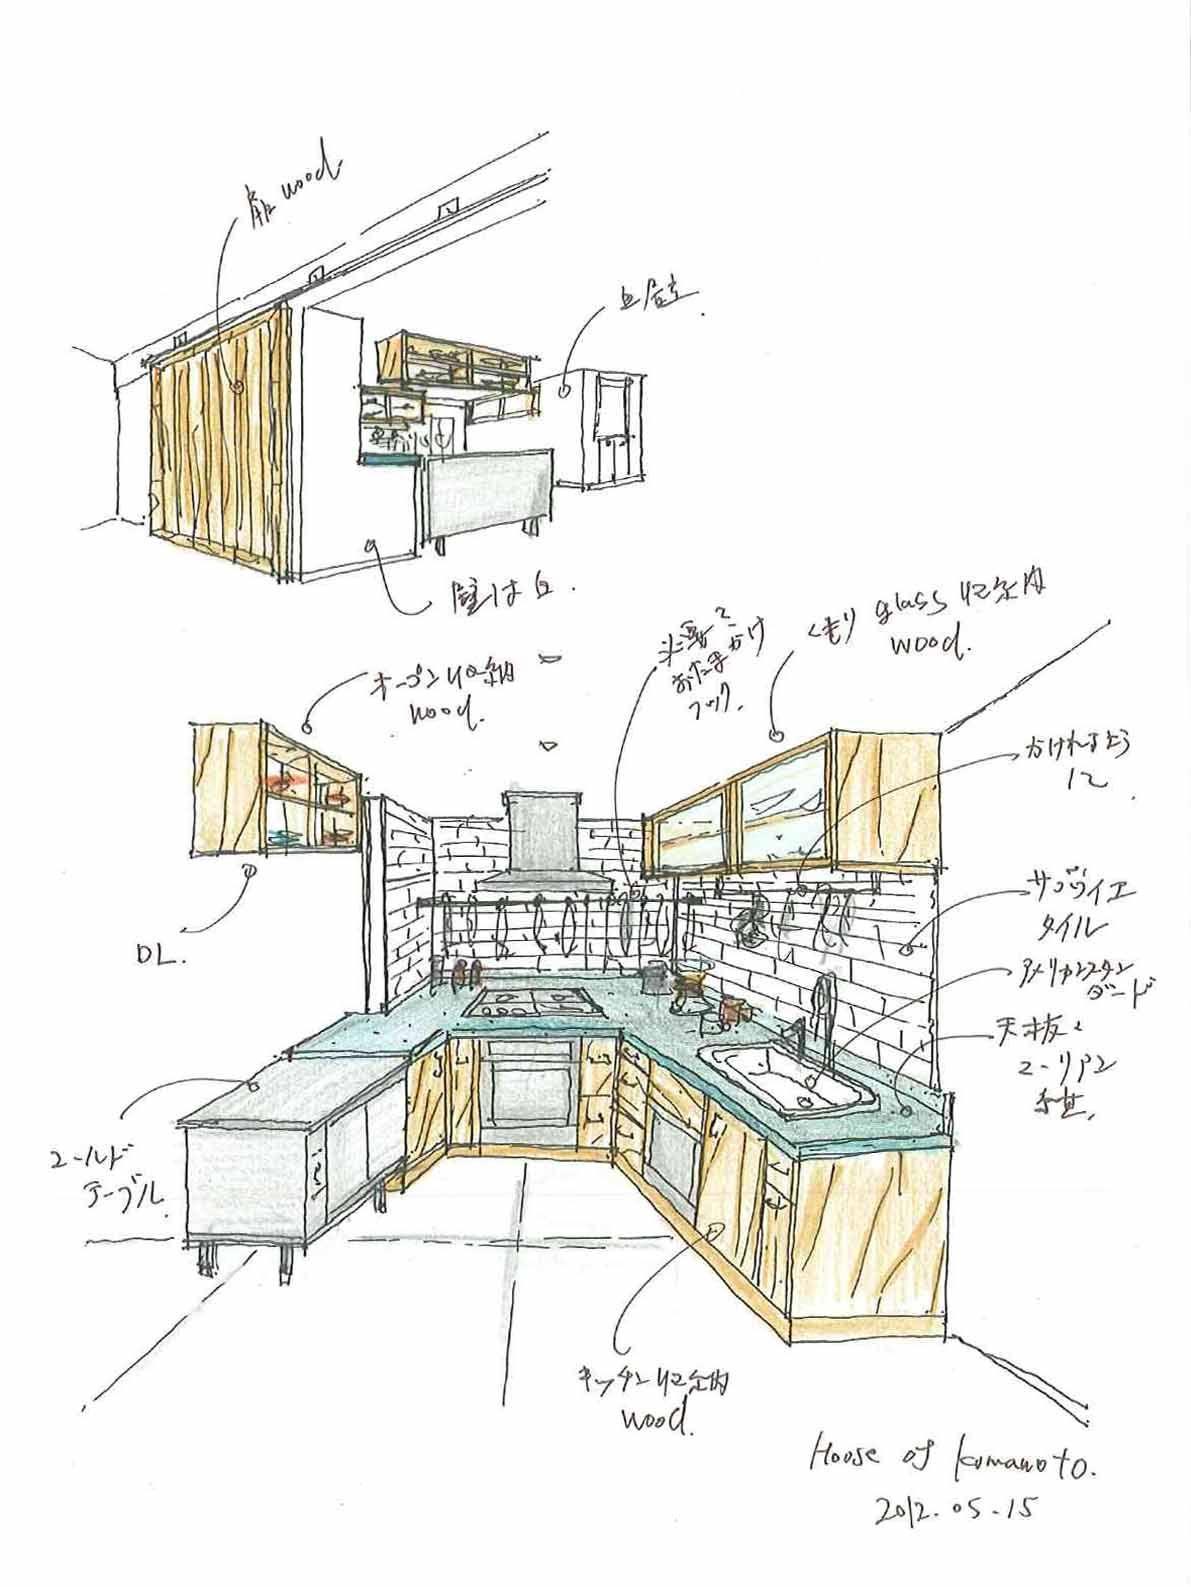 Kitchen,House of kumamoto